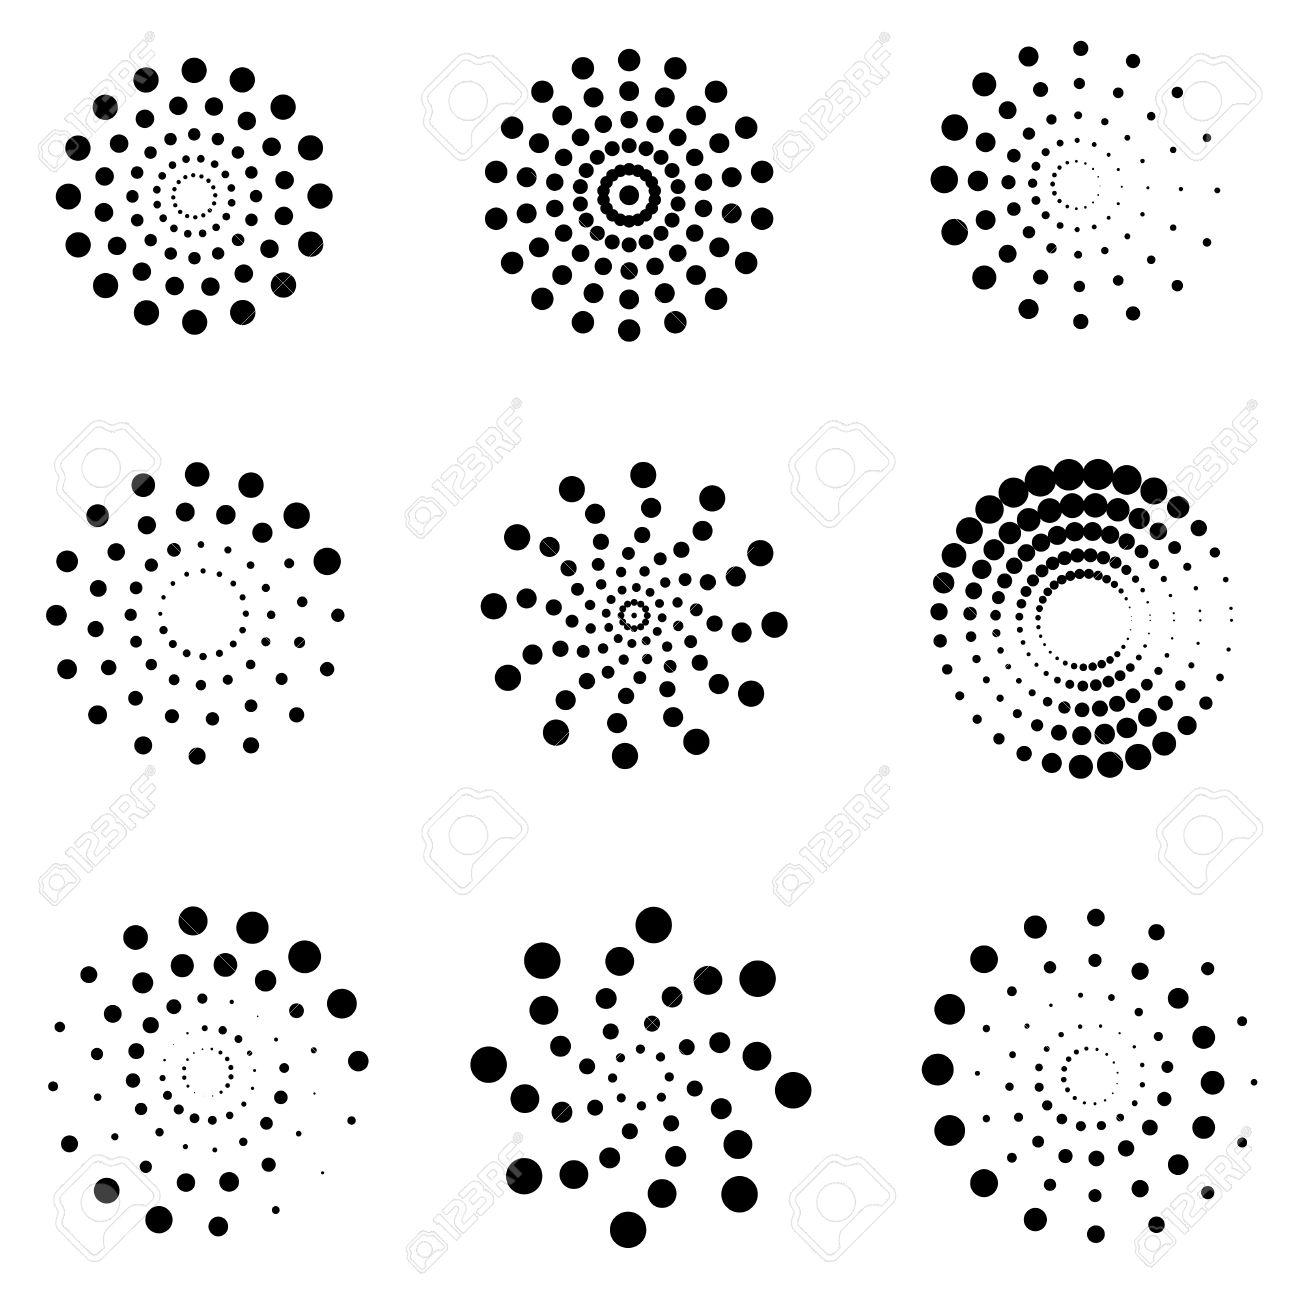 De escrava a... 55590841-abstract-dotted-spirals-vector-set-dotted-whirlpool-spiral-dot-spiral-twirl-creativity-spiral-whirl-